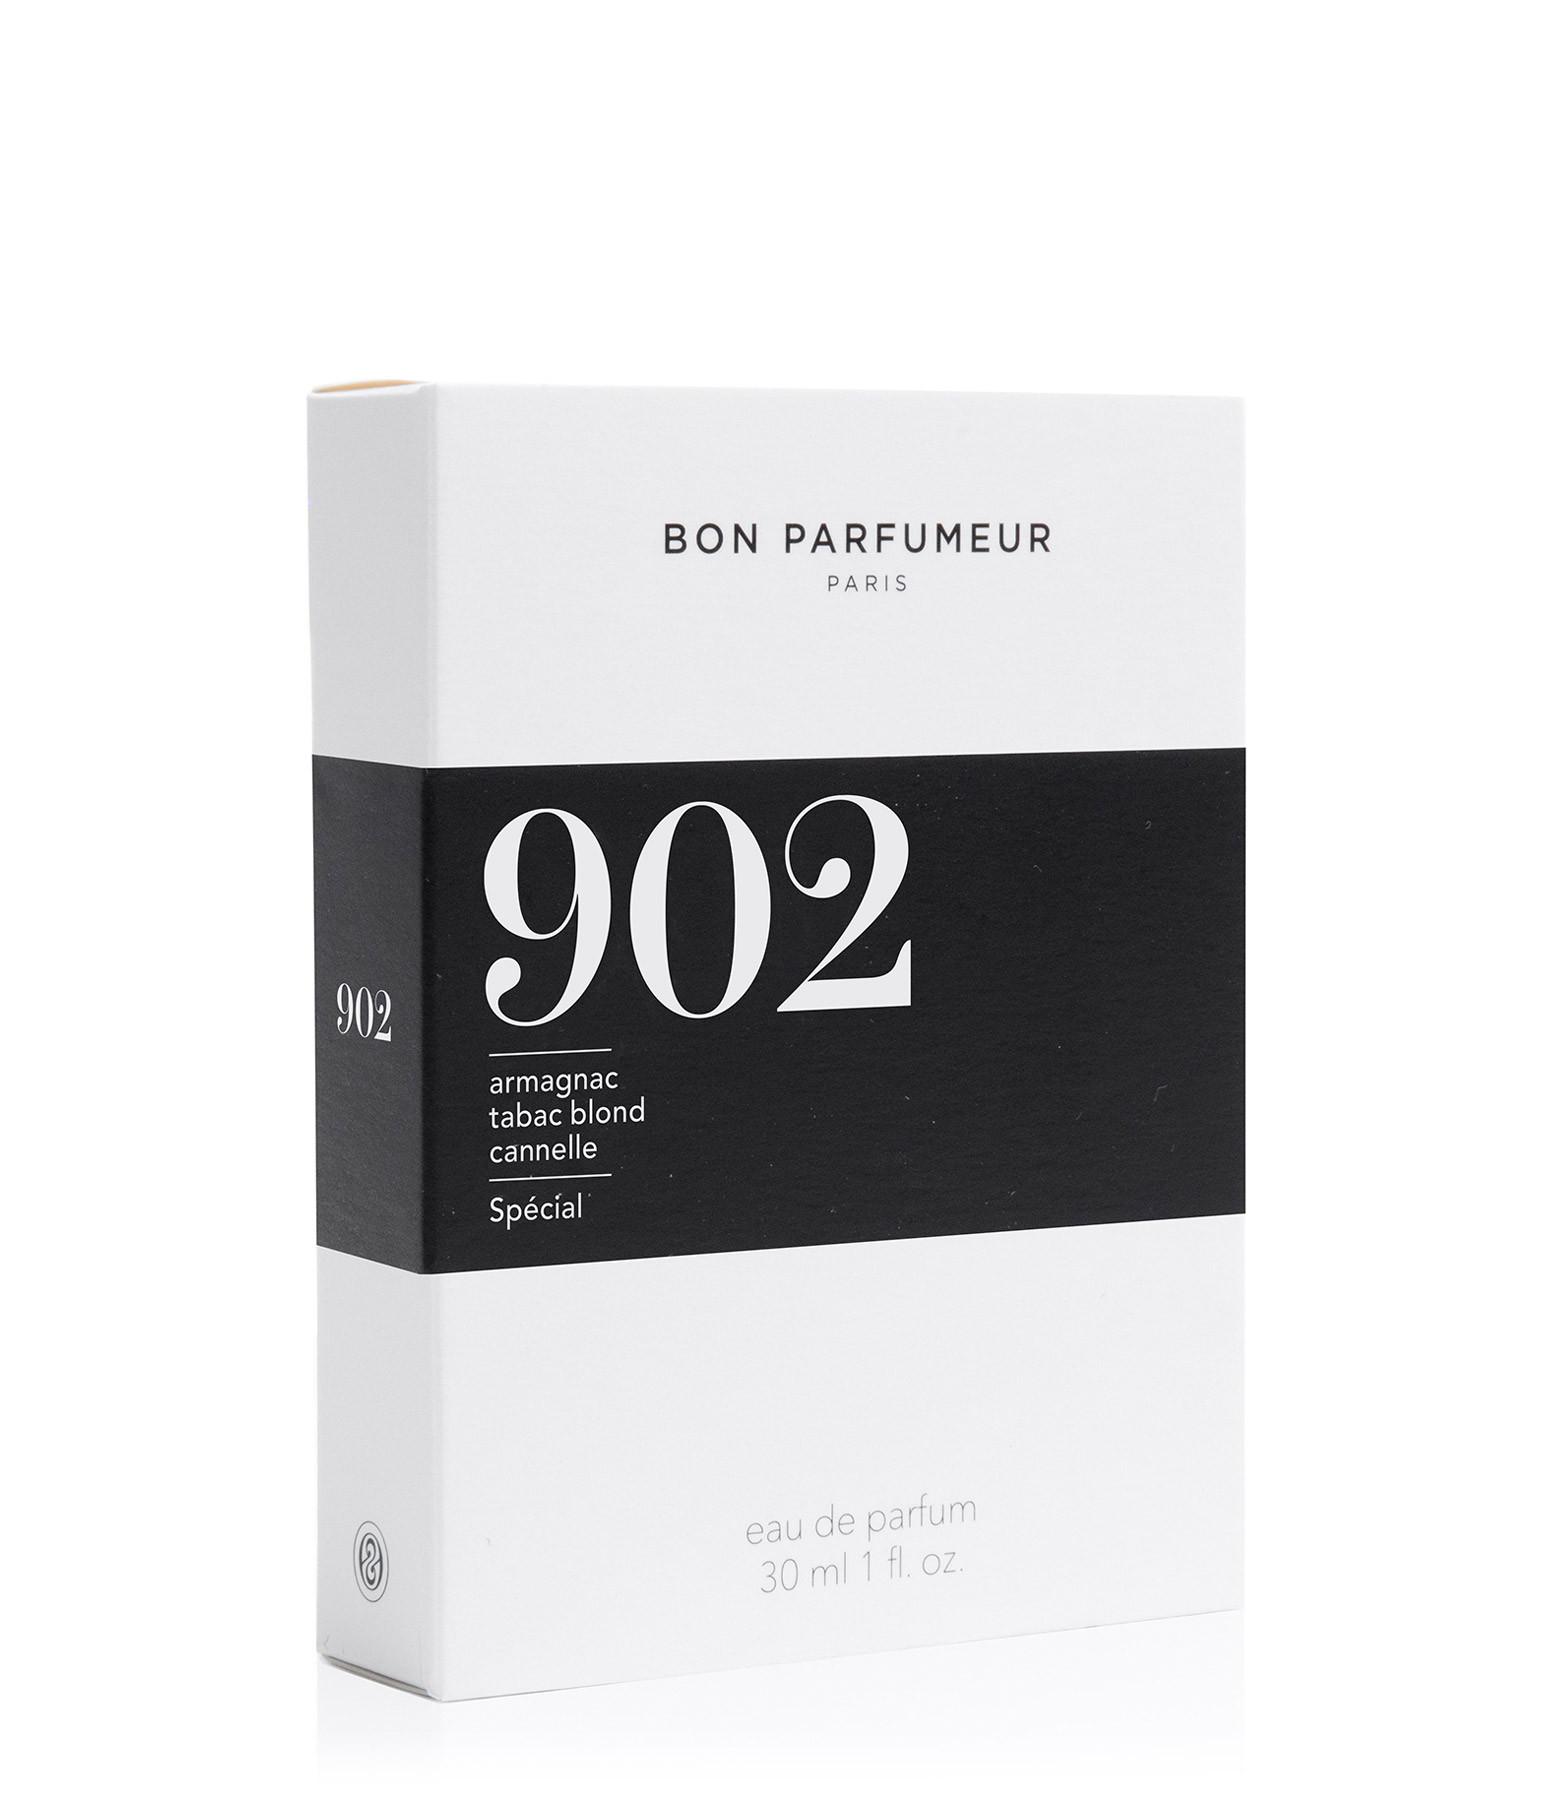 BON PARFUMEUR - Eau de Parfum #902 Armagnac, Tabac blond, Cannelle